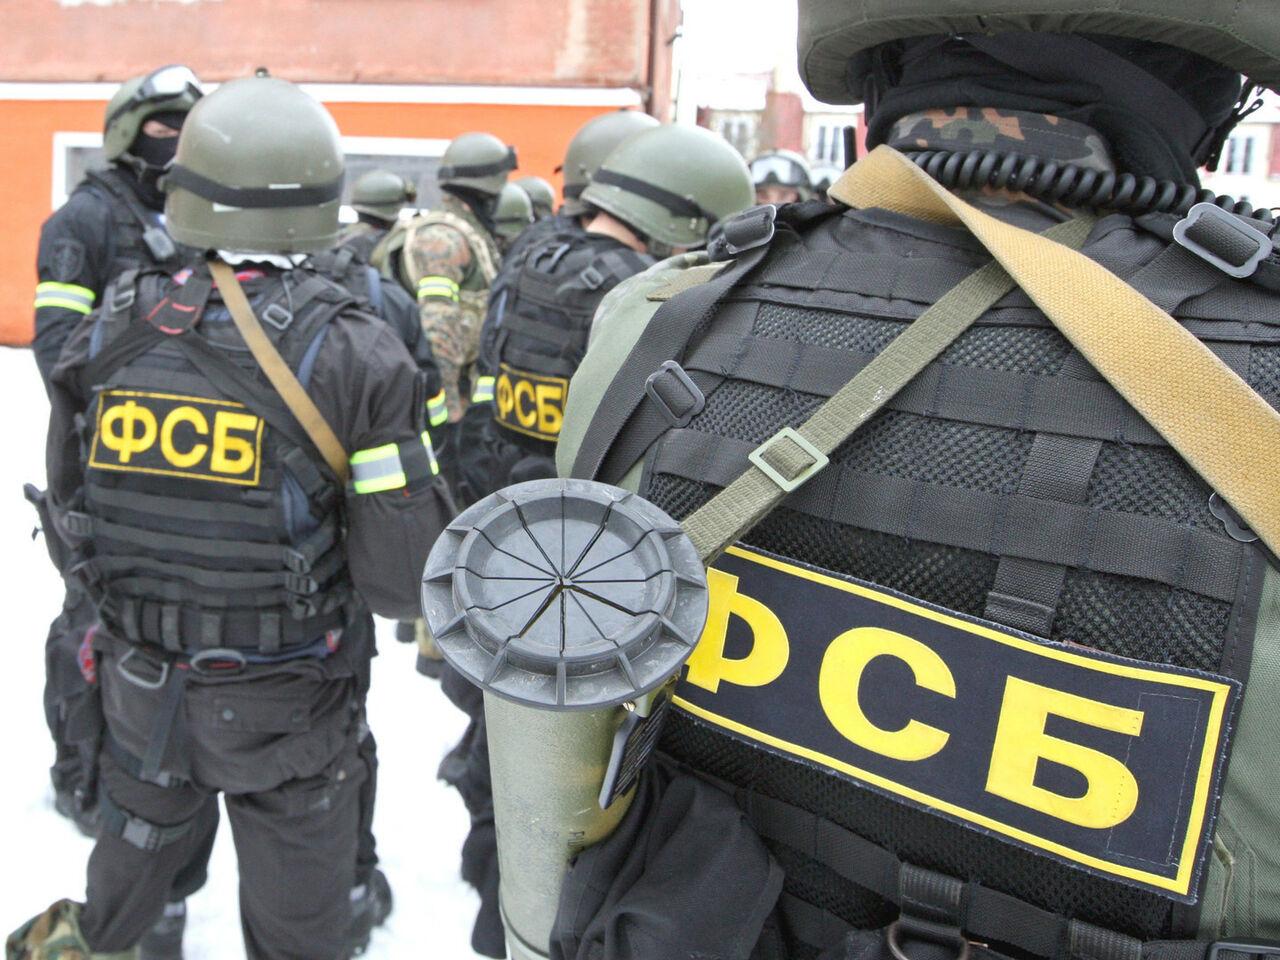 Русские СМИ говорили о задержании в столице неменее 25 подозреваемых вэкстремизме